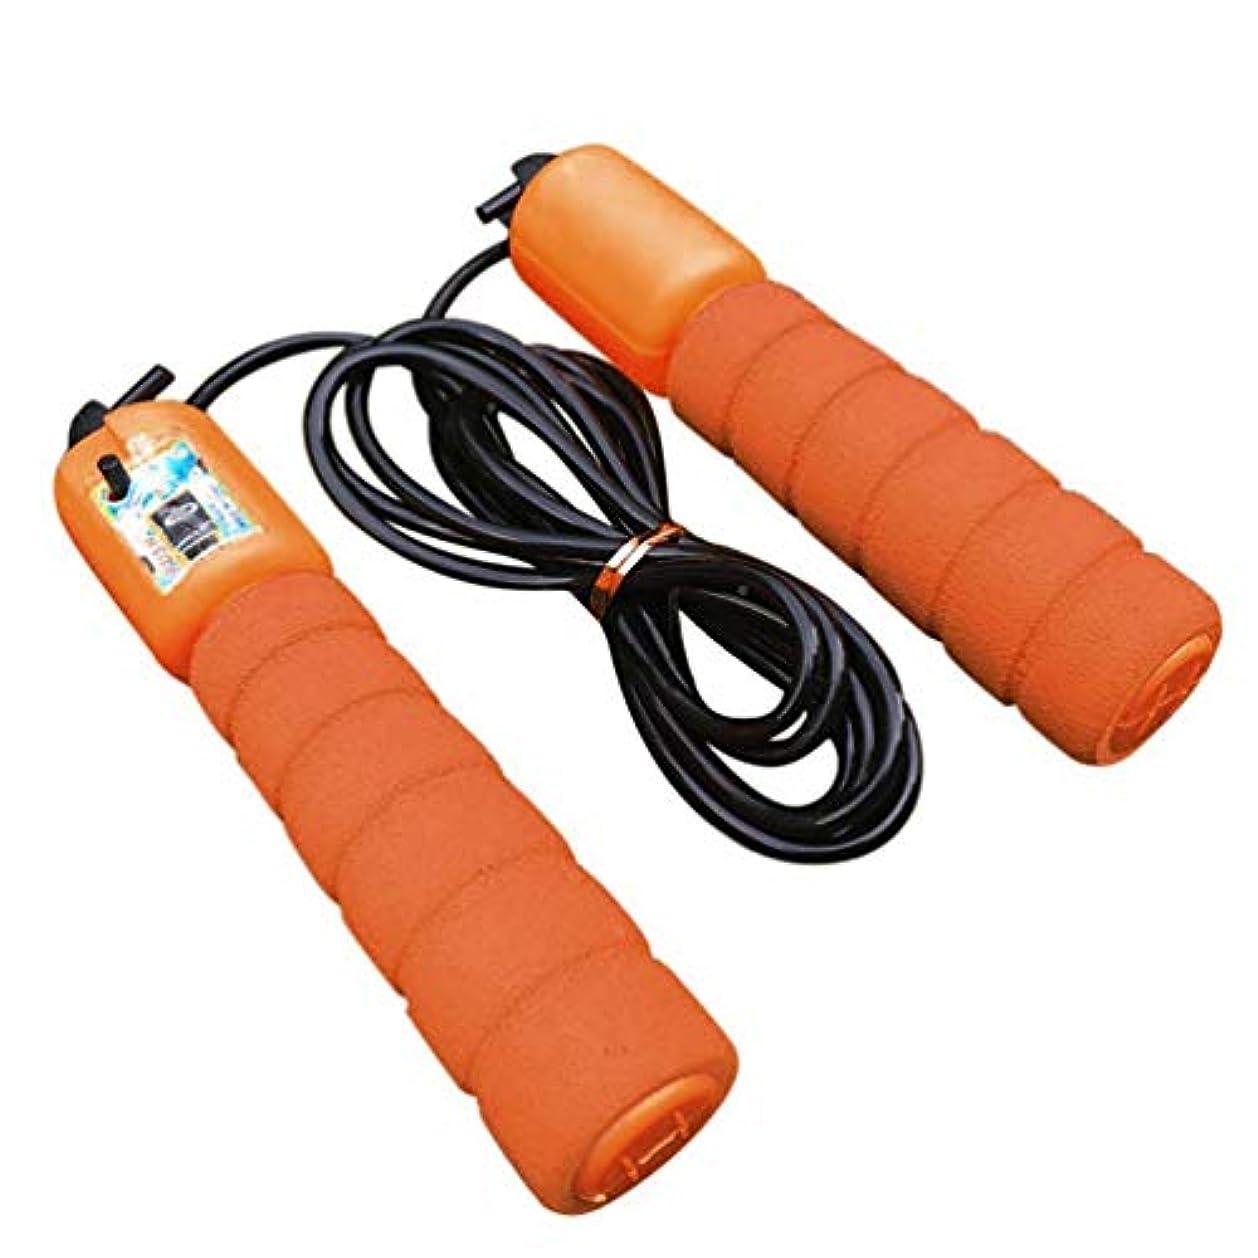 ロイヤリティ無意識価格調整可能なプロフェッショナルカウントスキップロープ自動カウントジャンプロープフィットネスエクササイズ高速スピードカウントジャンプロープ-オレンジ